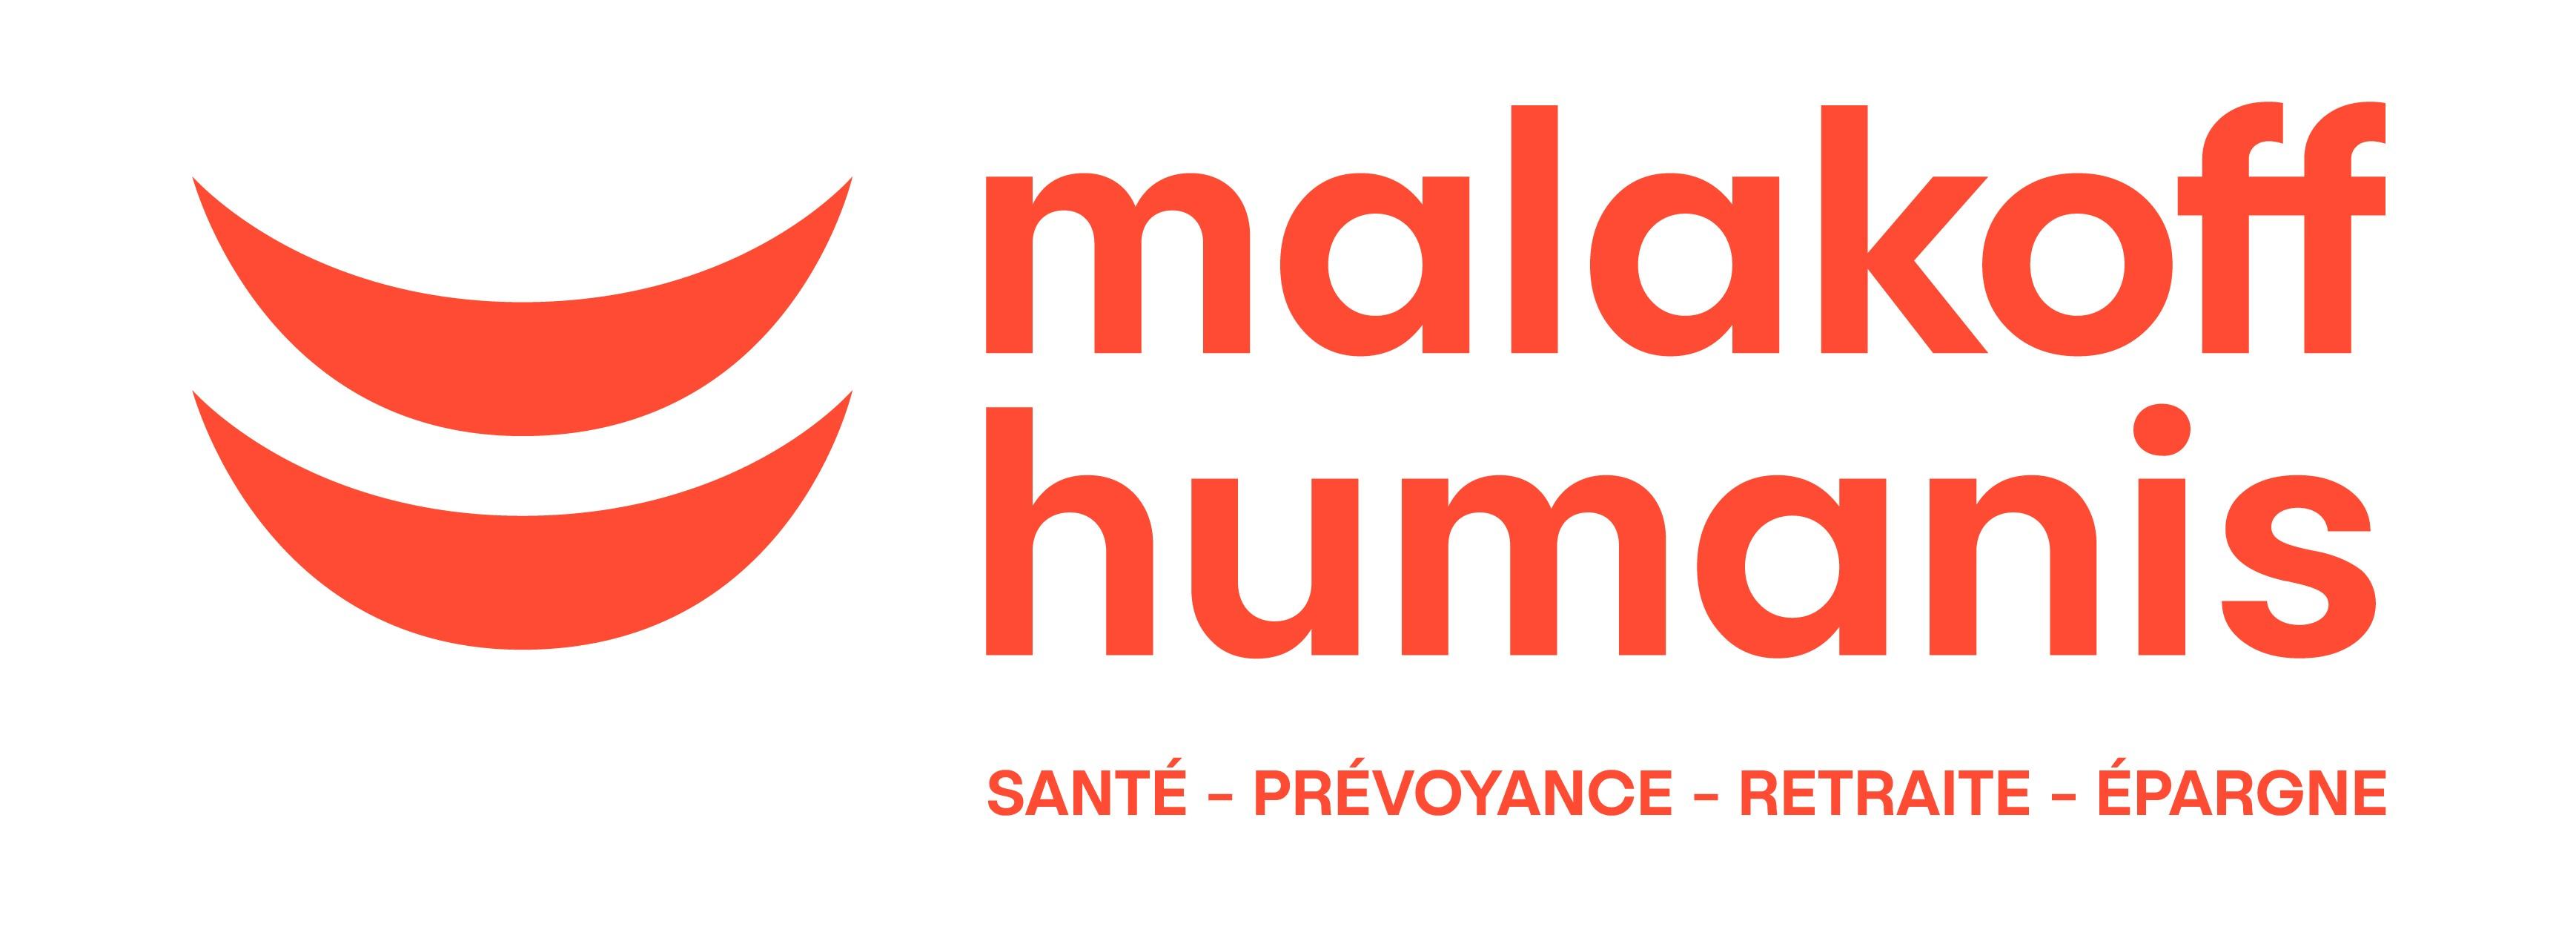 """Résultat de recherche d'images pour """"malakoff humanis"""""""